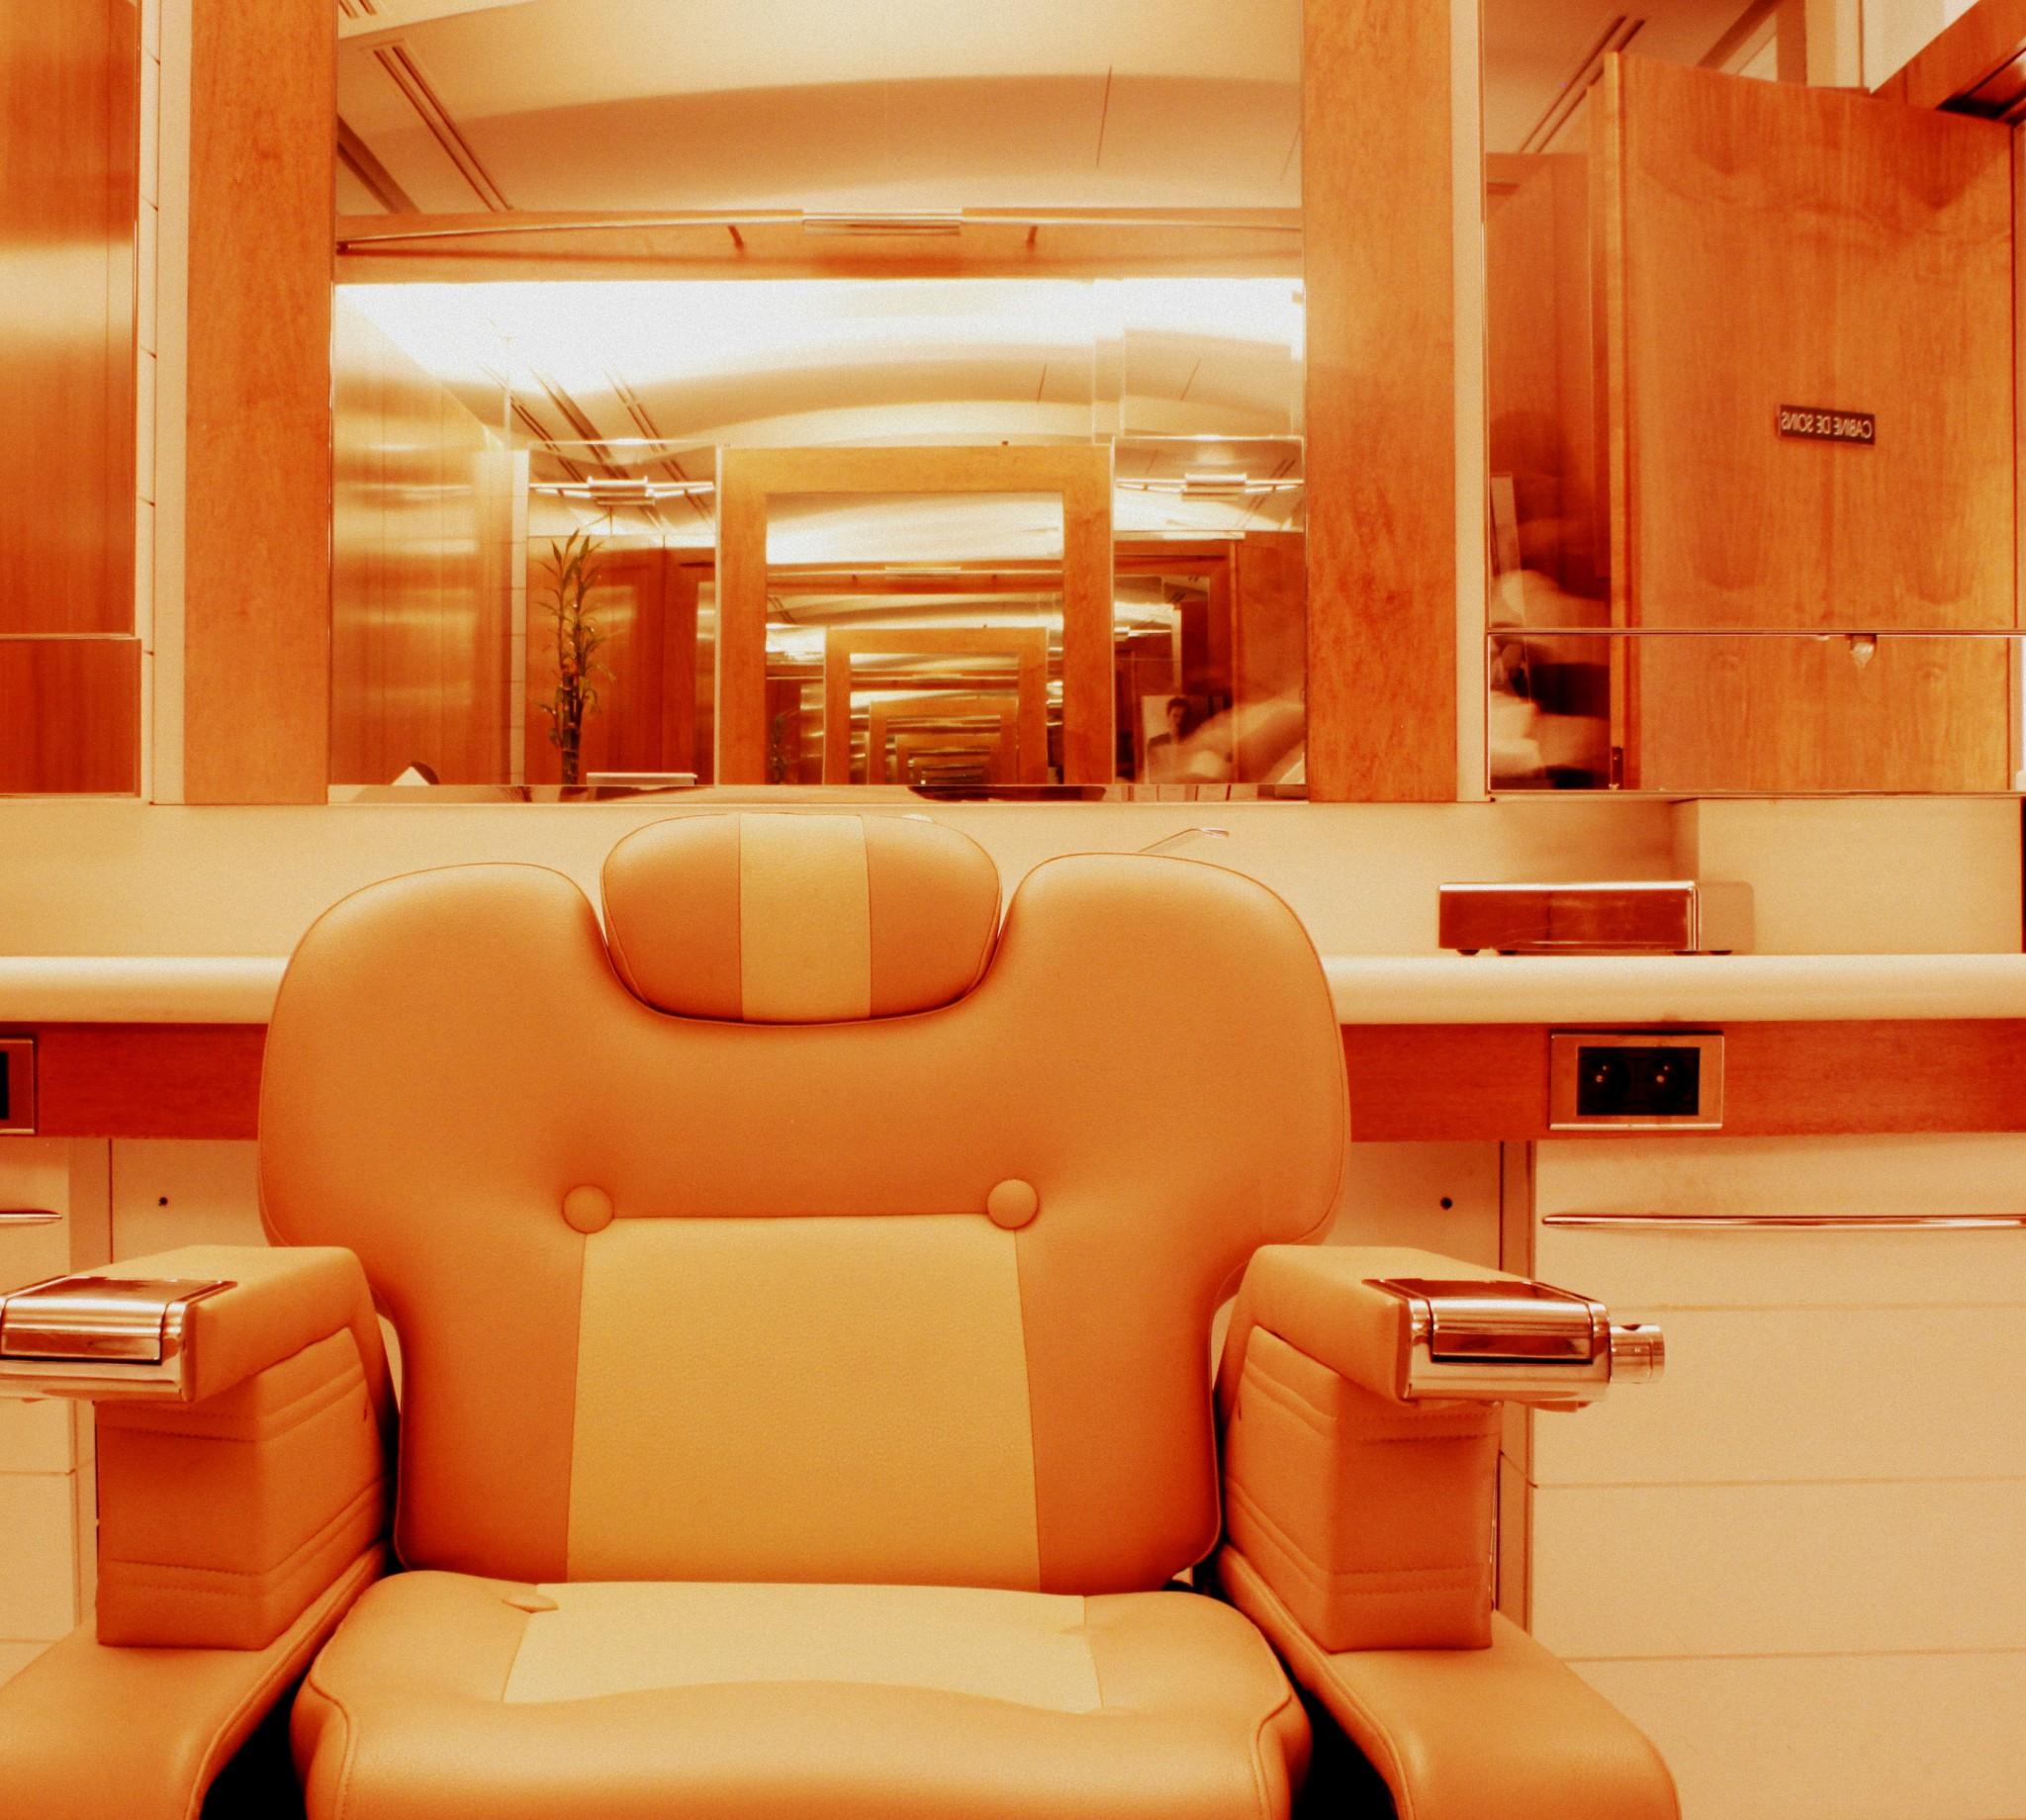 forfait f te des p res fils cercle delacre coiffeur paris 8 me. Black Bedroom Furniture Sets. Home Design Ideas